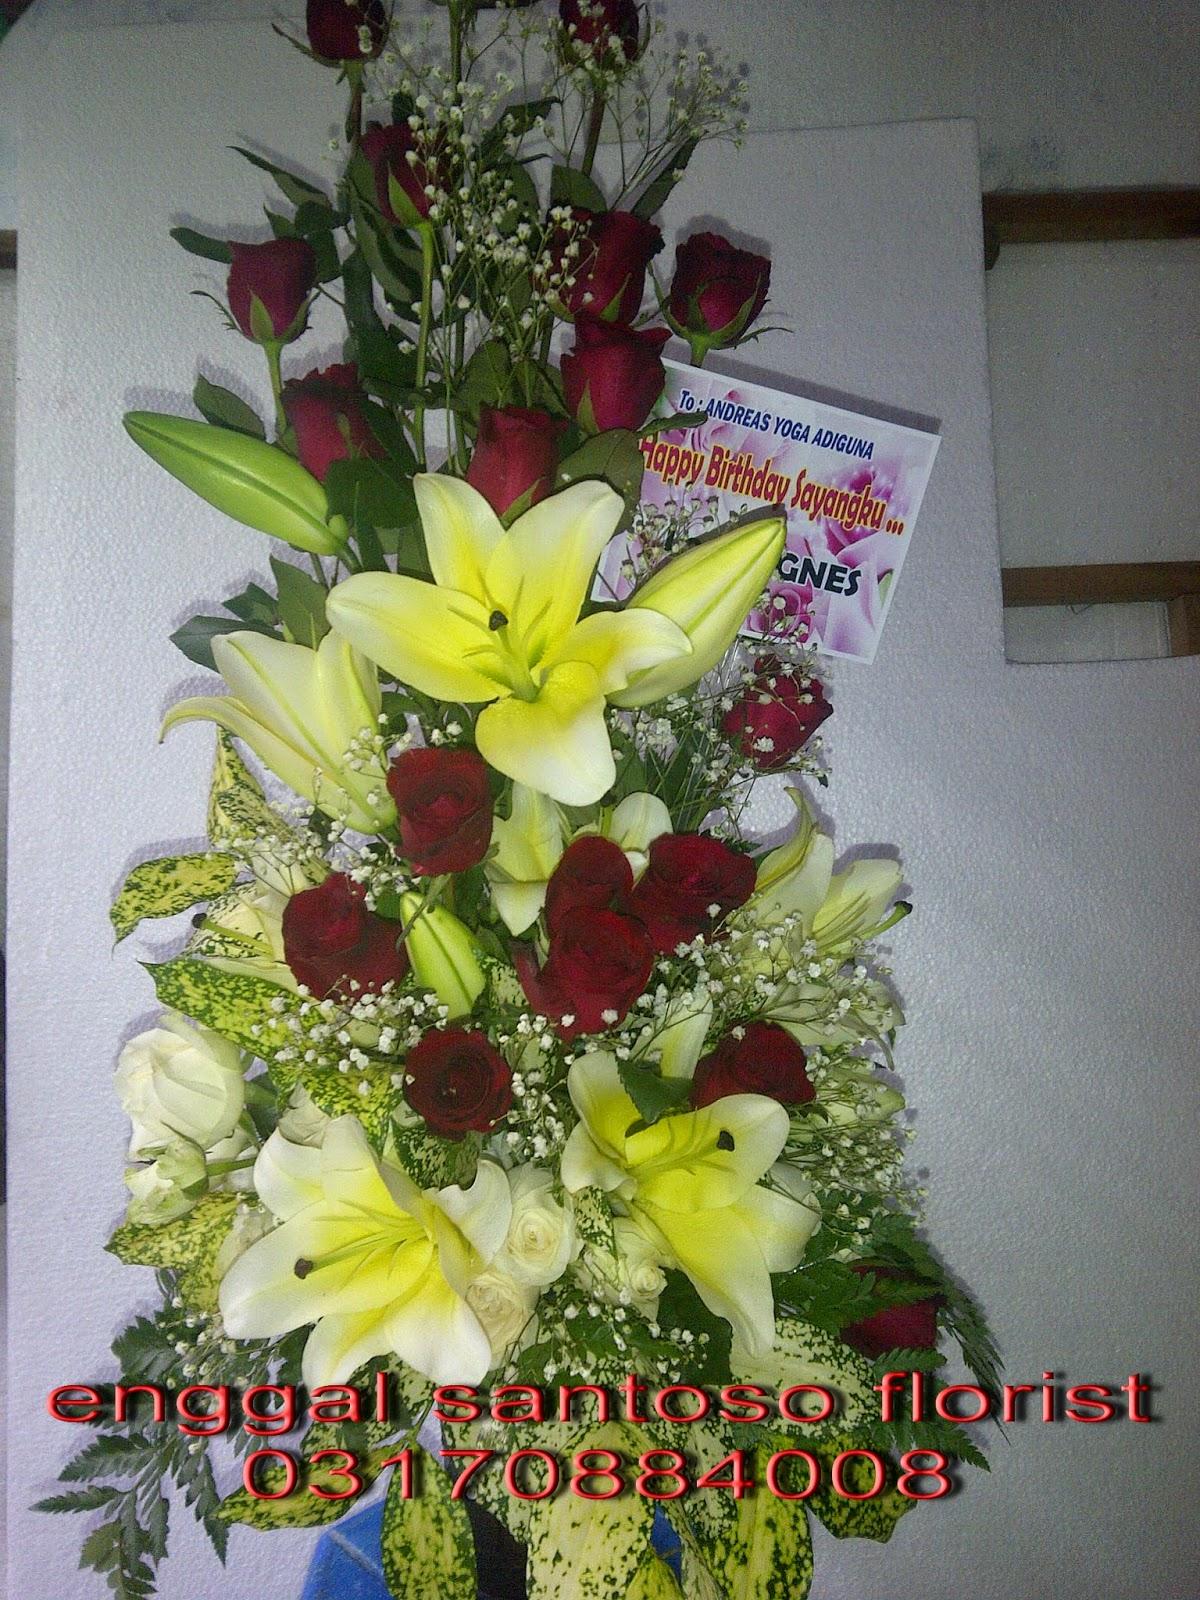 rangkaian karangan bunga meja cassablanca & mawar merah